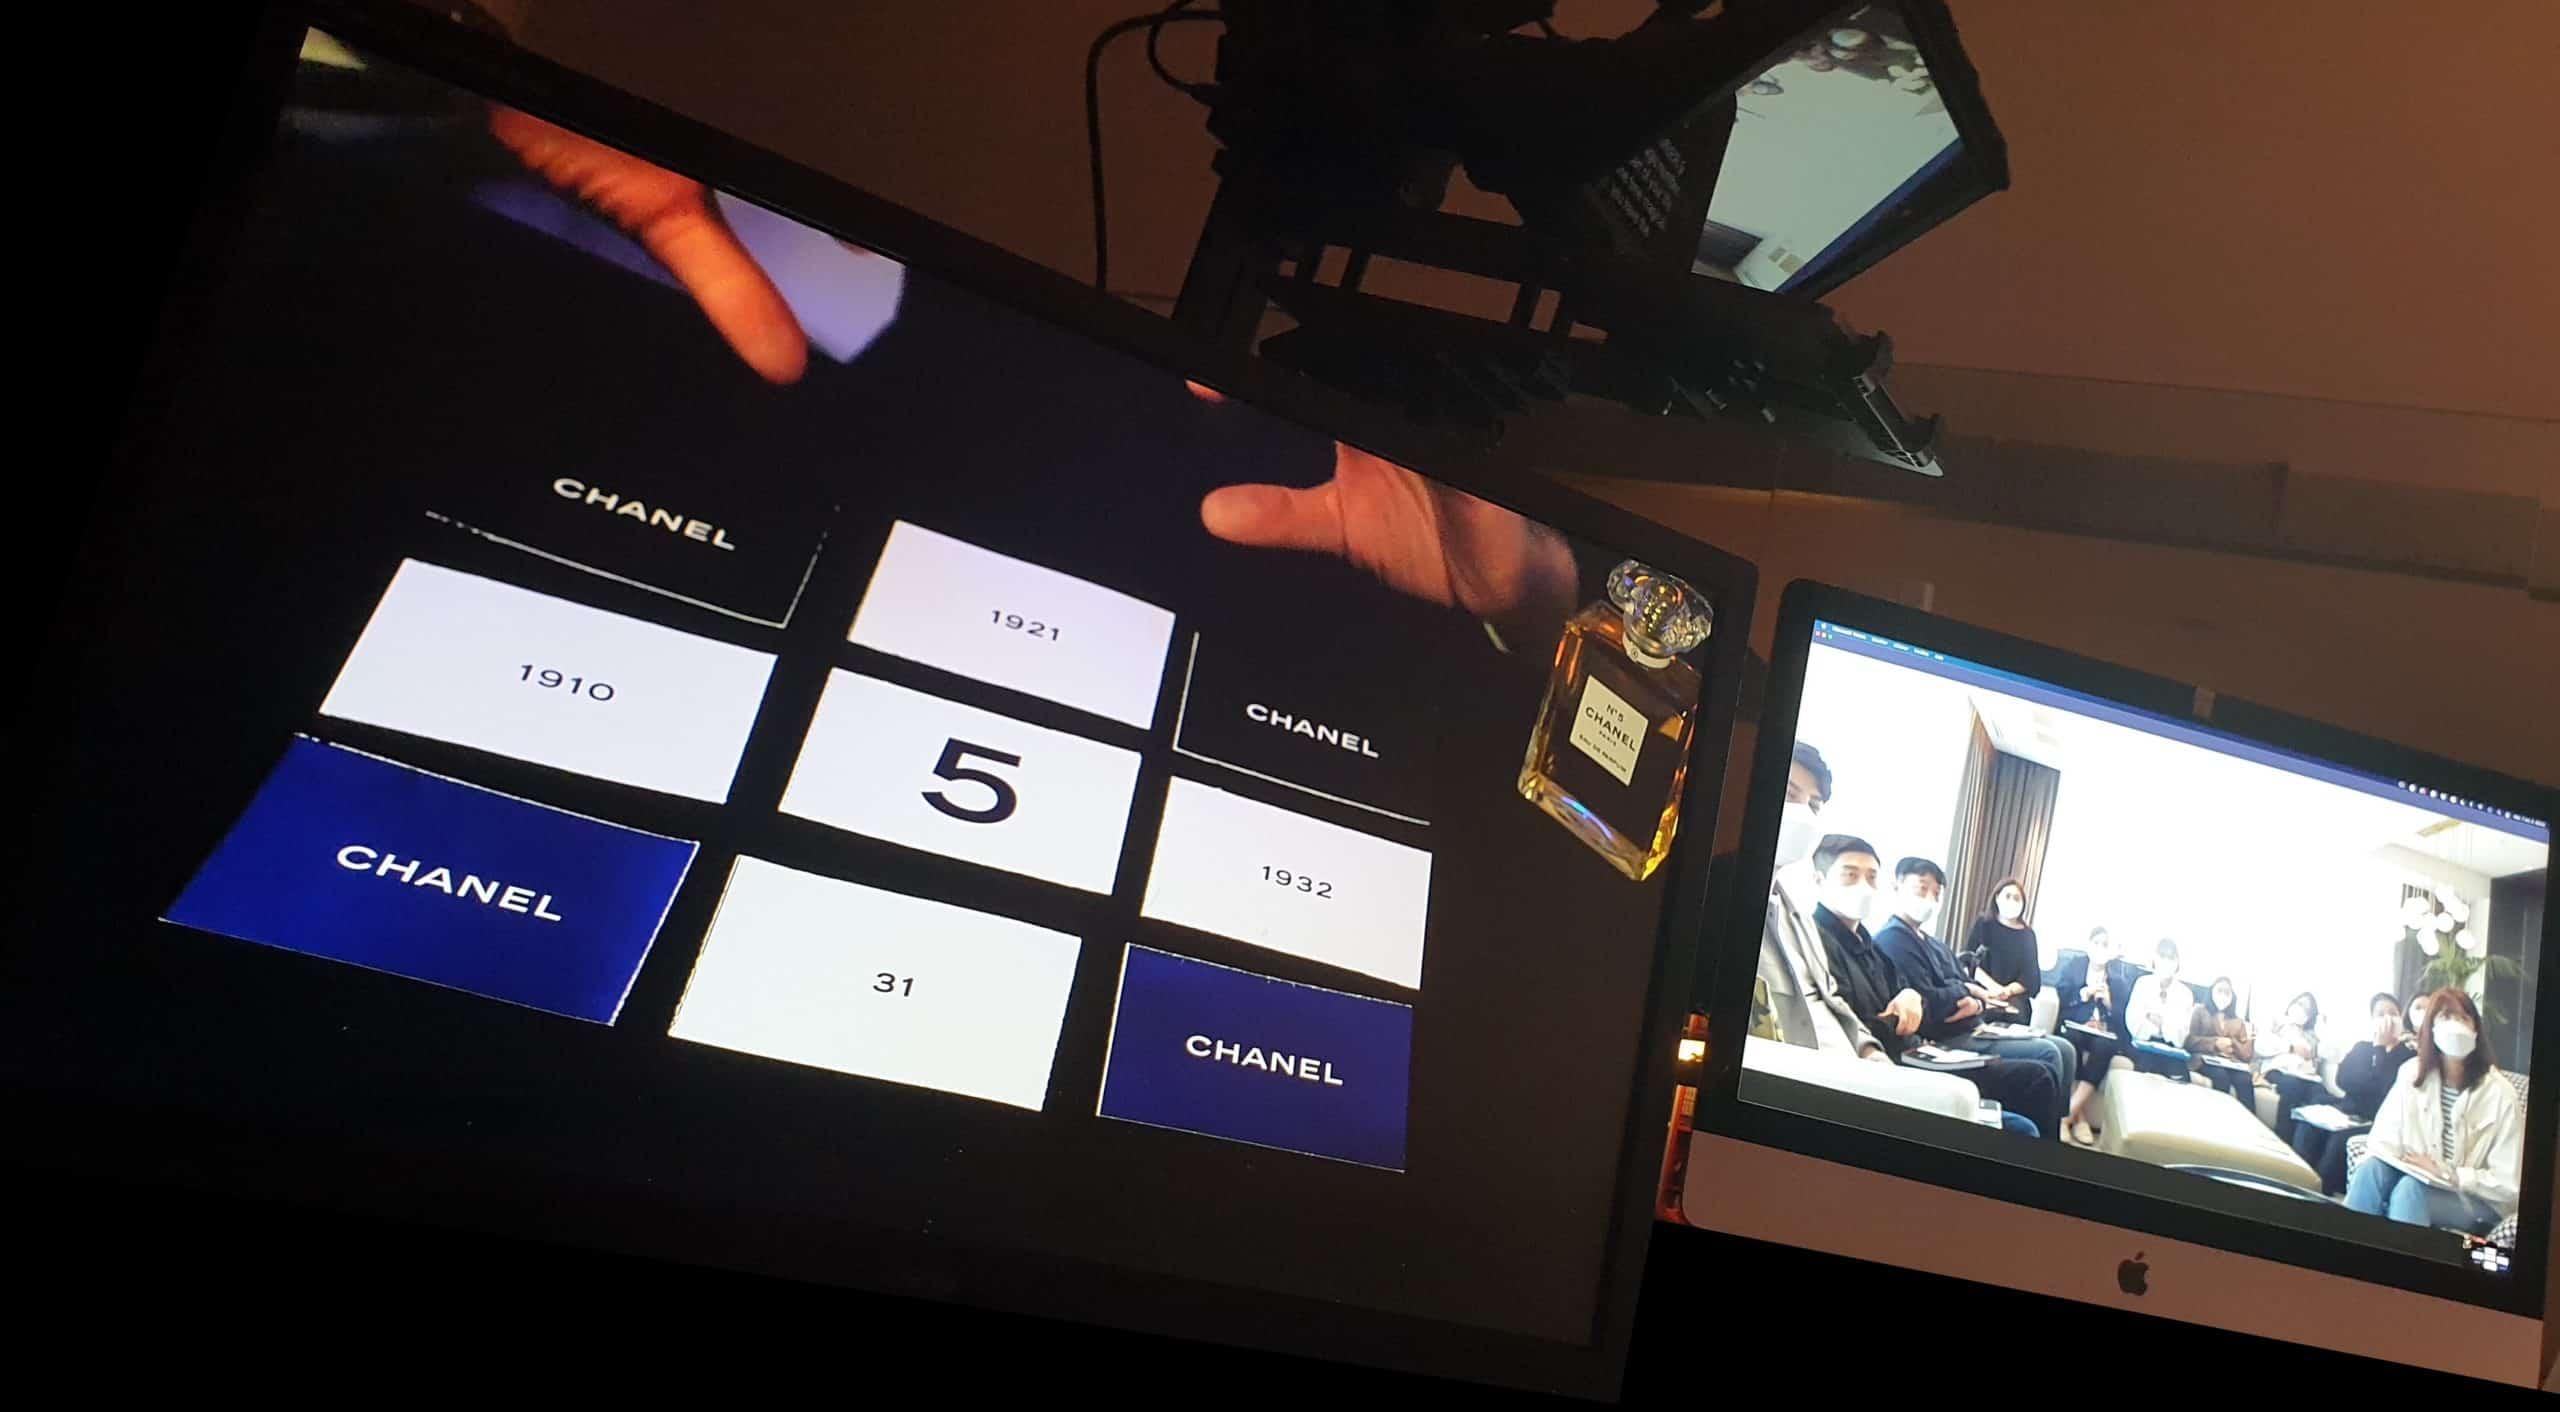 Le show en streaming du mentaliste Laurent BERETTA pour les maisons de luxe